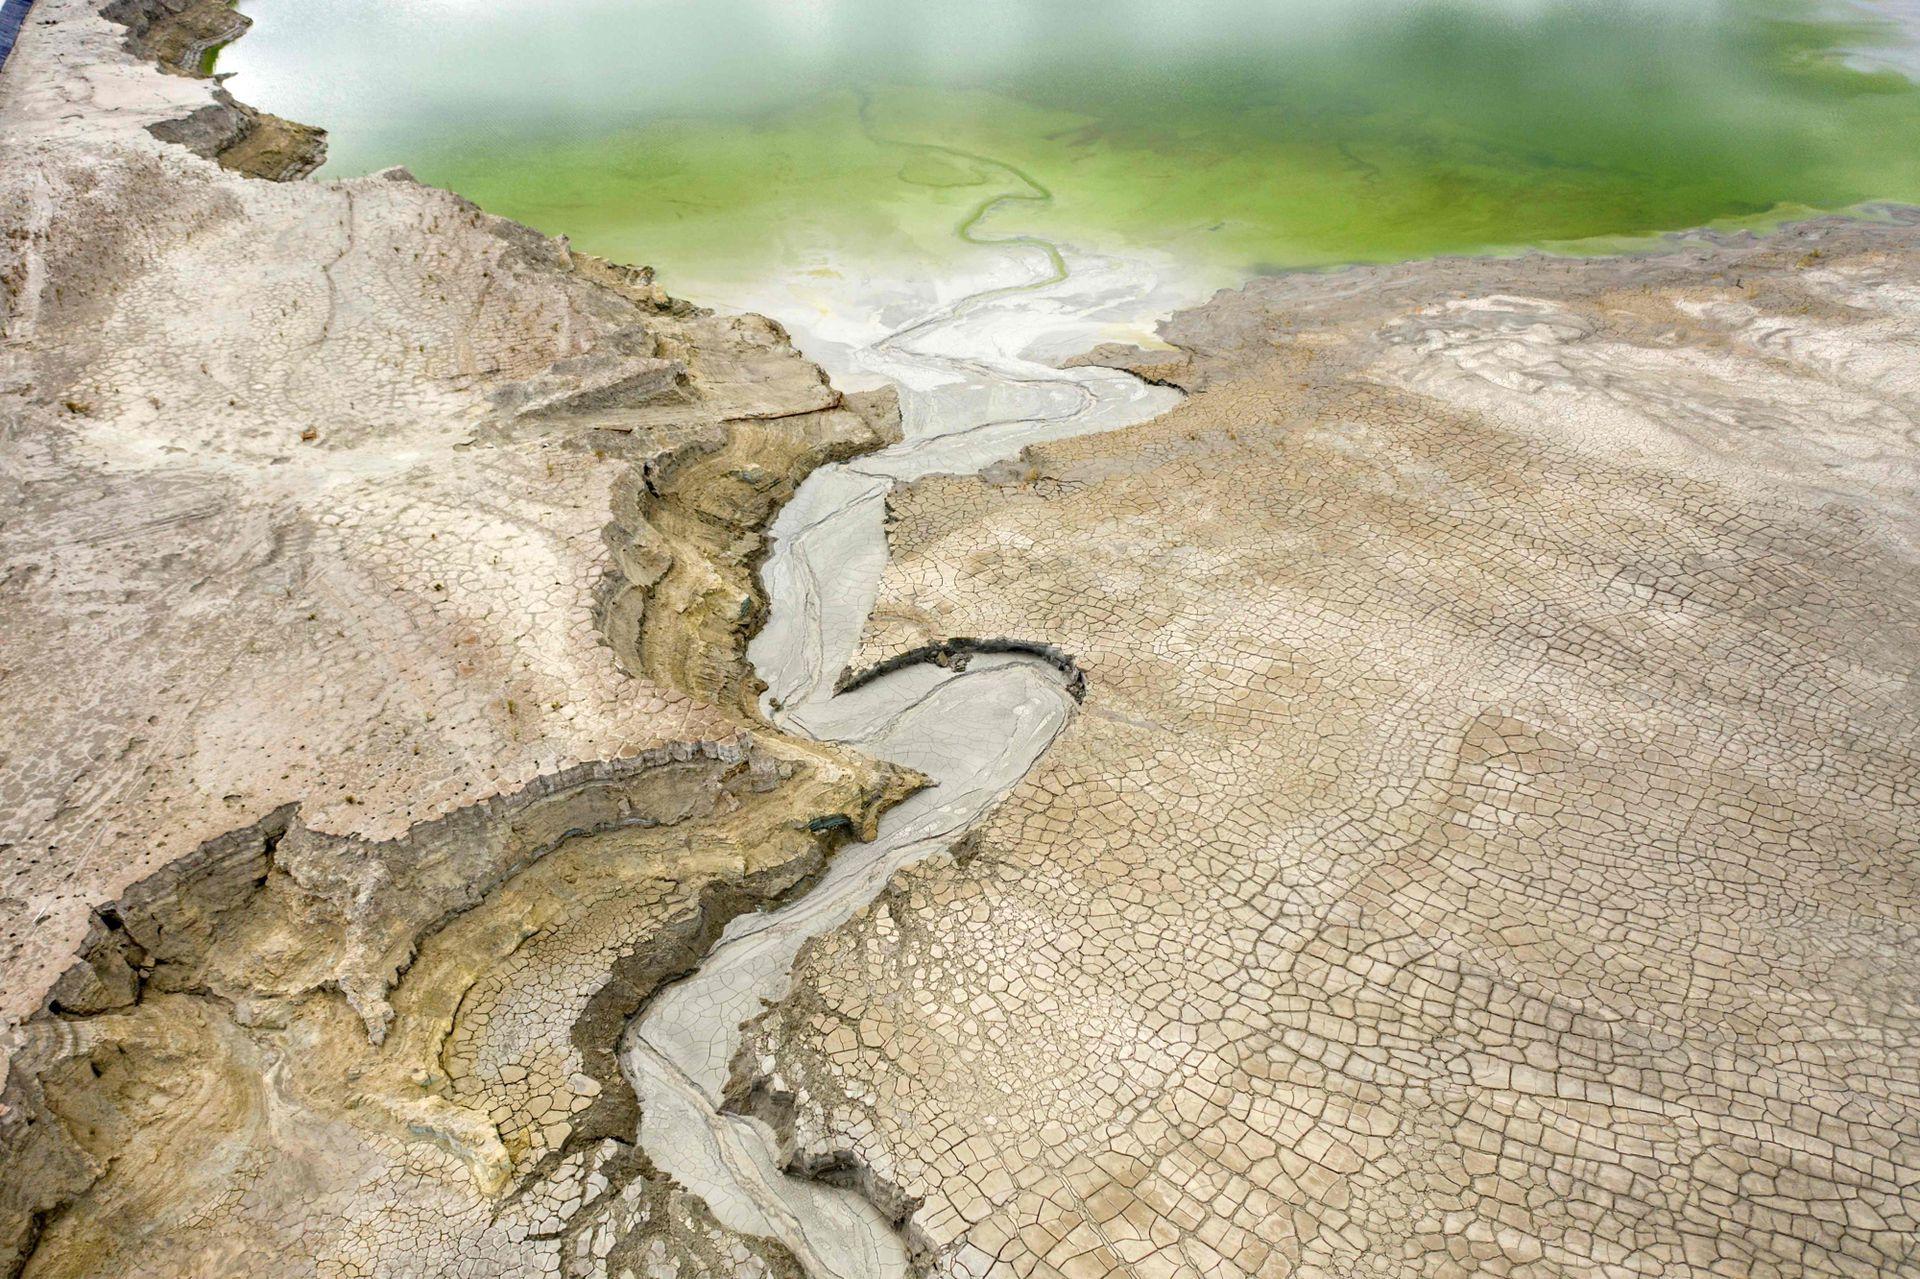 Vista aérea de una presa de relaves, que se utiliza para almacenar subproductos de operaciones mineras, en este caso de la extracción de cobre, de la empresa minera Minera Valle Central, en Rancagua, Chile